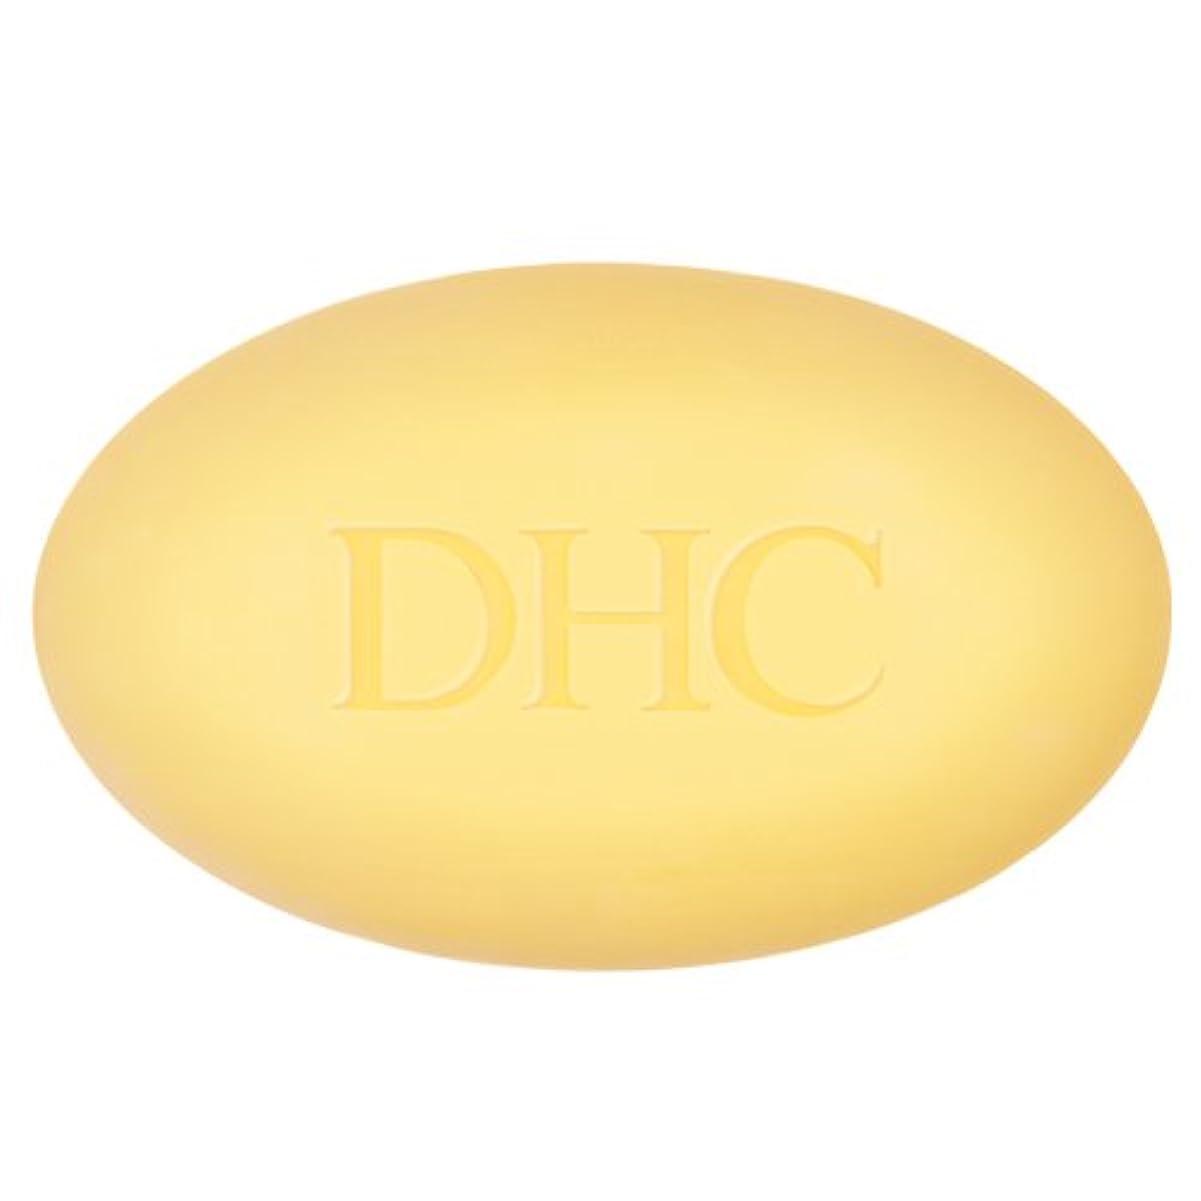 アラブルネッサンス医療のDHC Q10ボディソープ